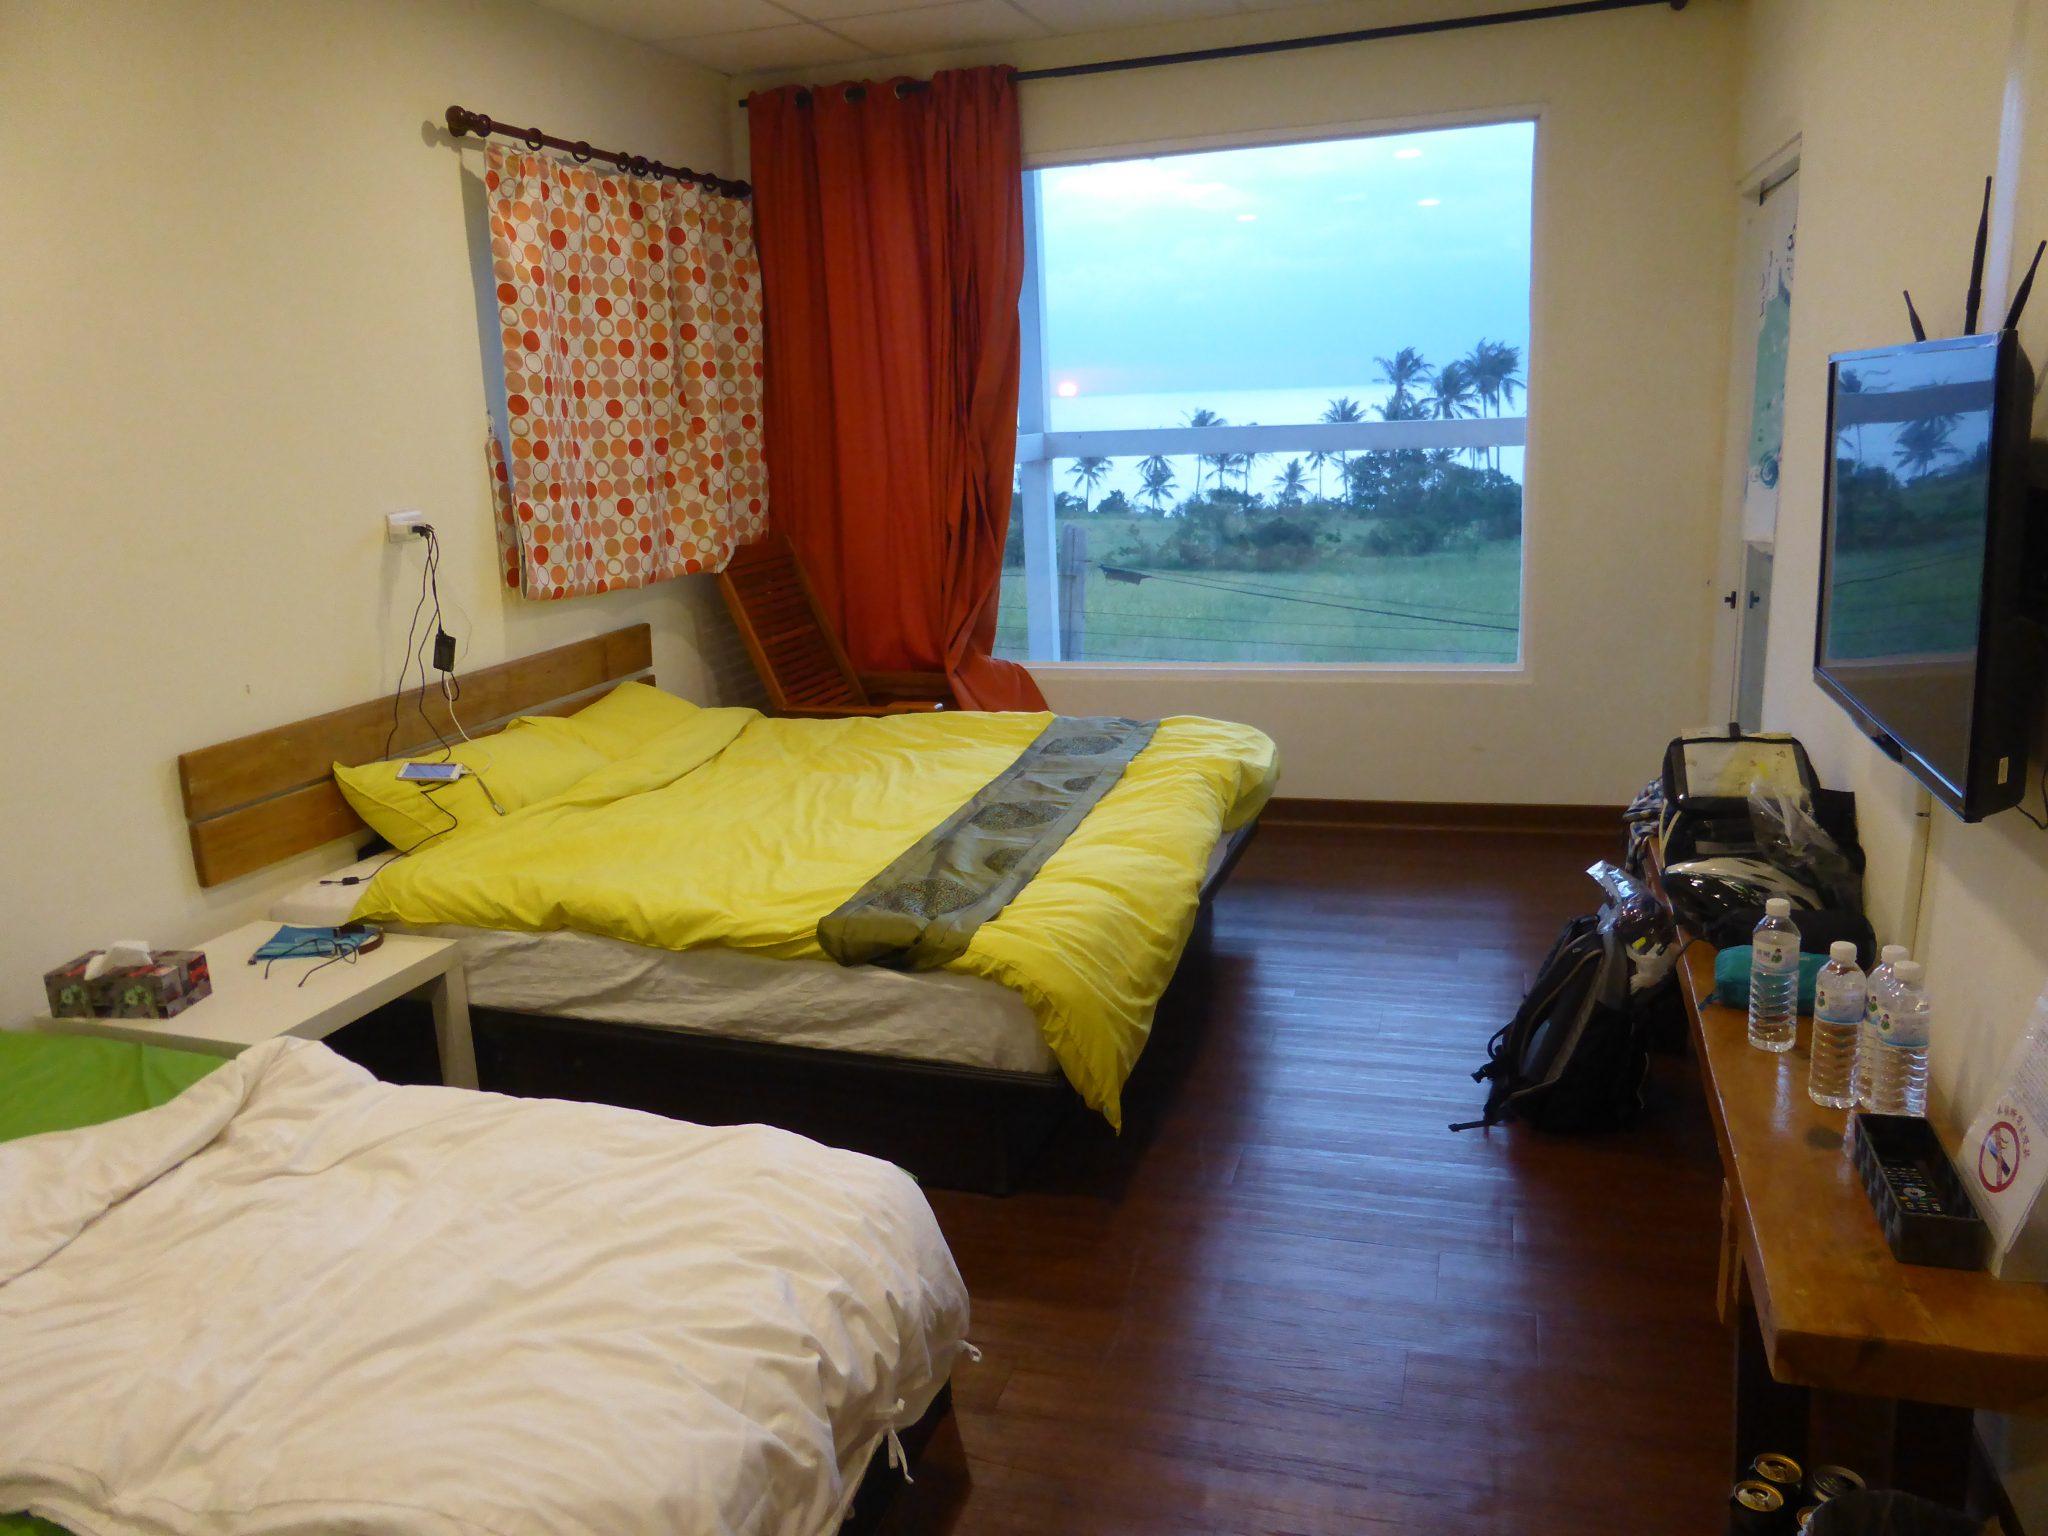 台湾自転車旅行で泊まったホテルと宿泊場所の探し方